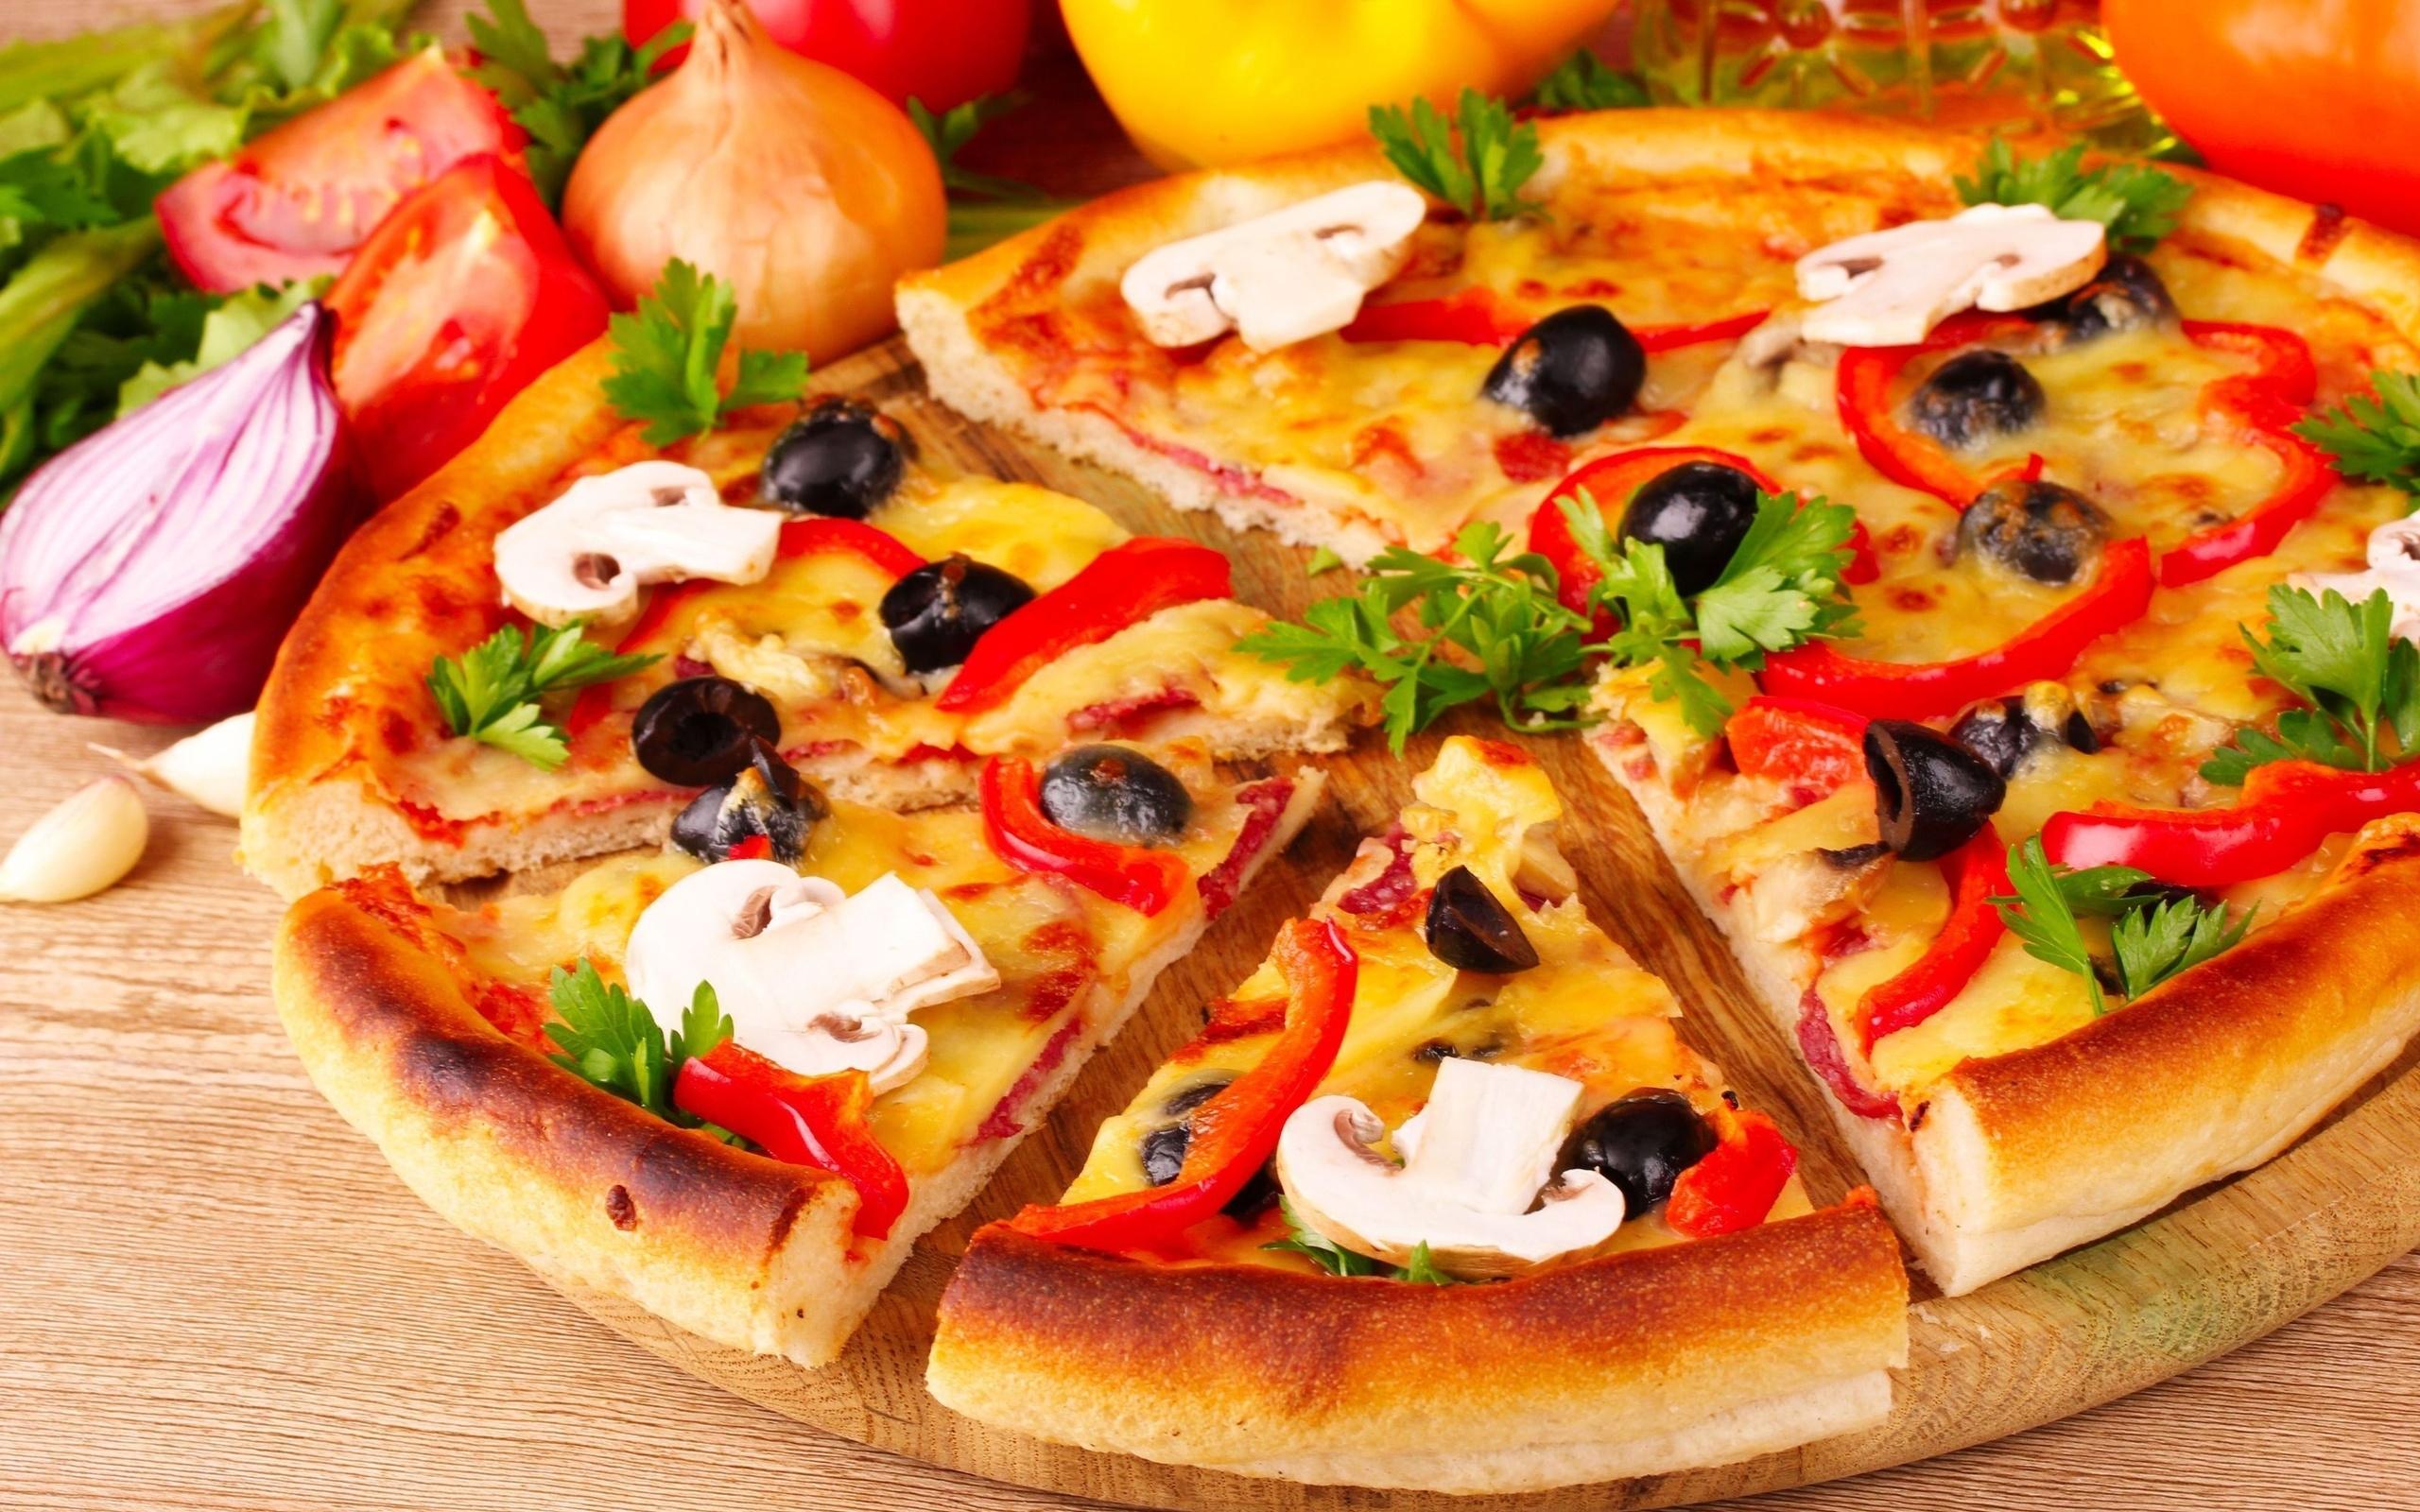 кованые популярные пиццы рецепты с фото в мире построил карьеру, чем